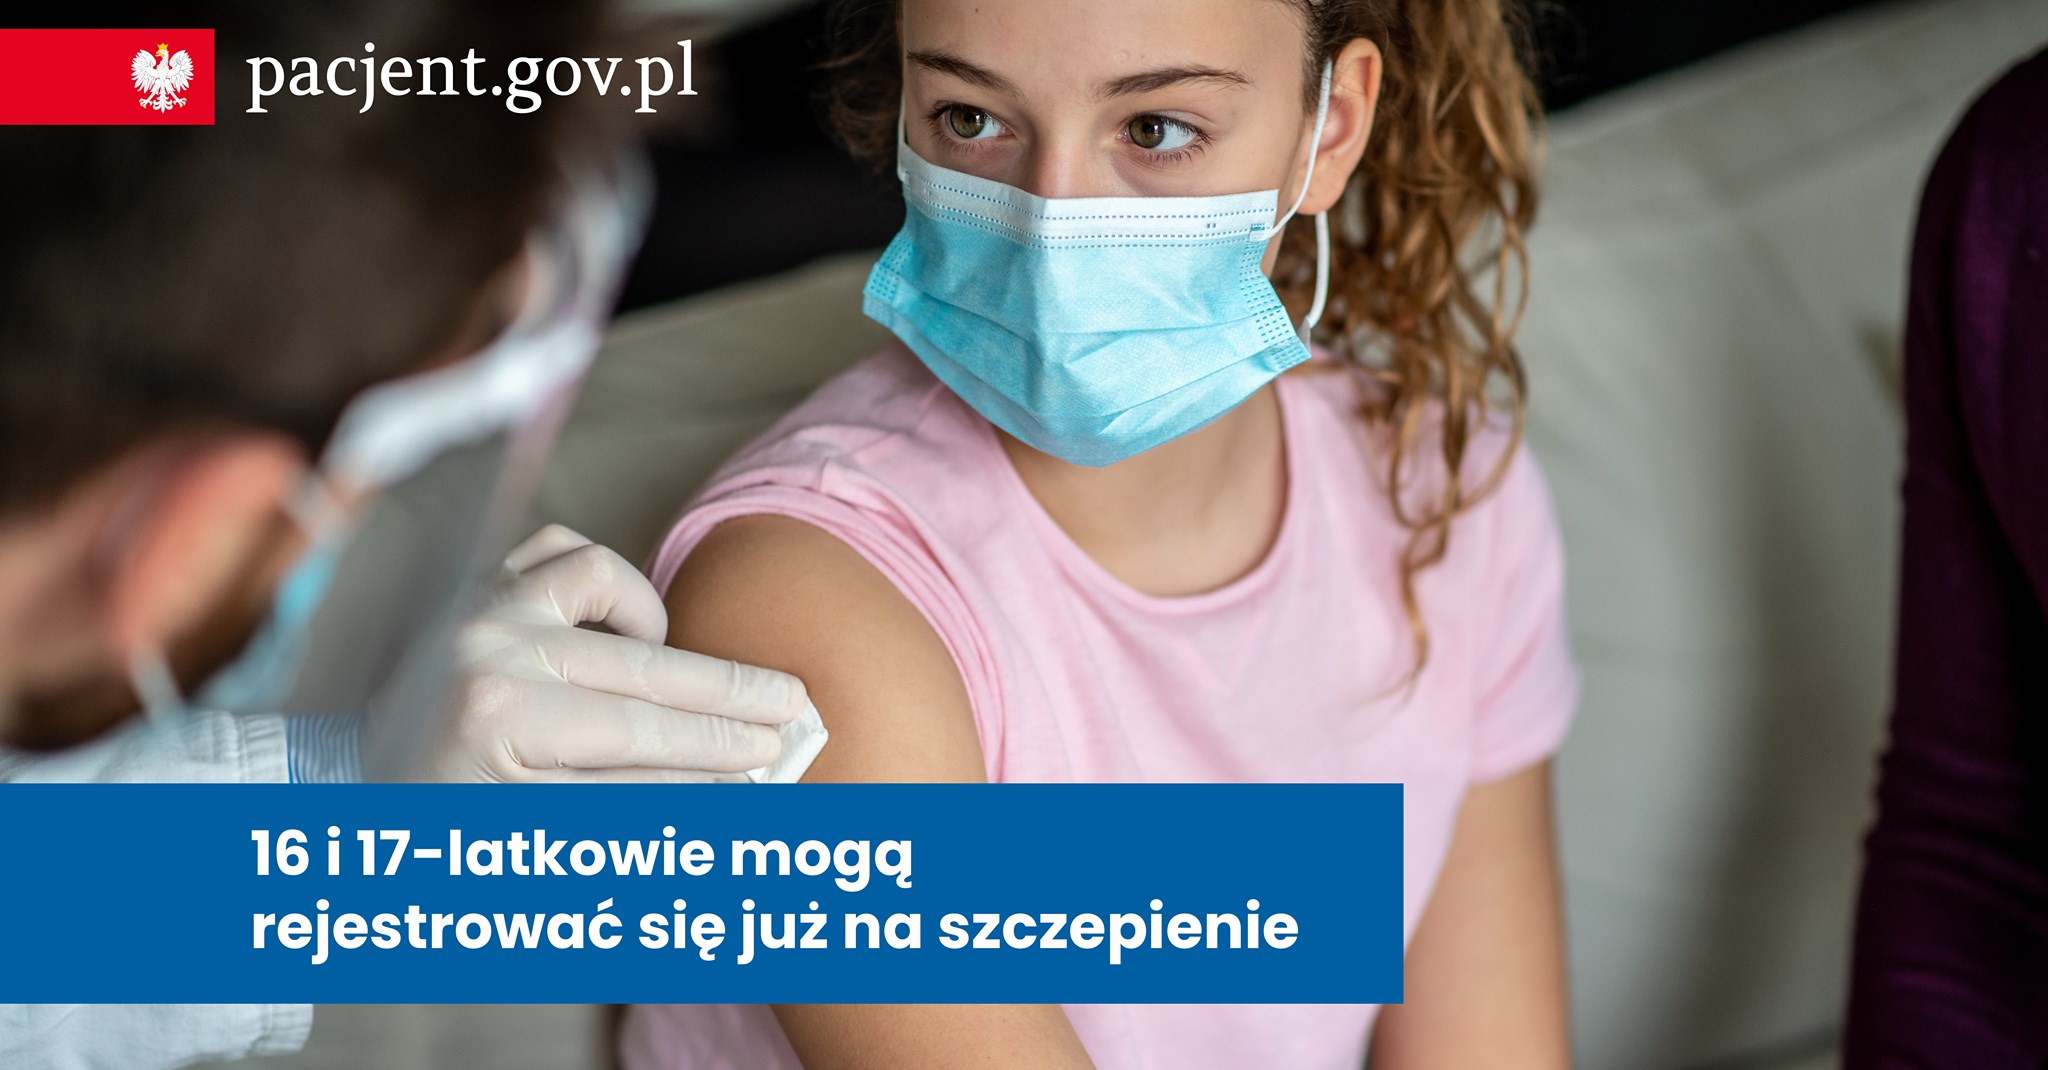 Grafika: szczepienie młodzieży